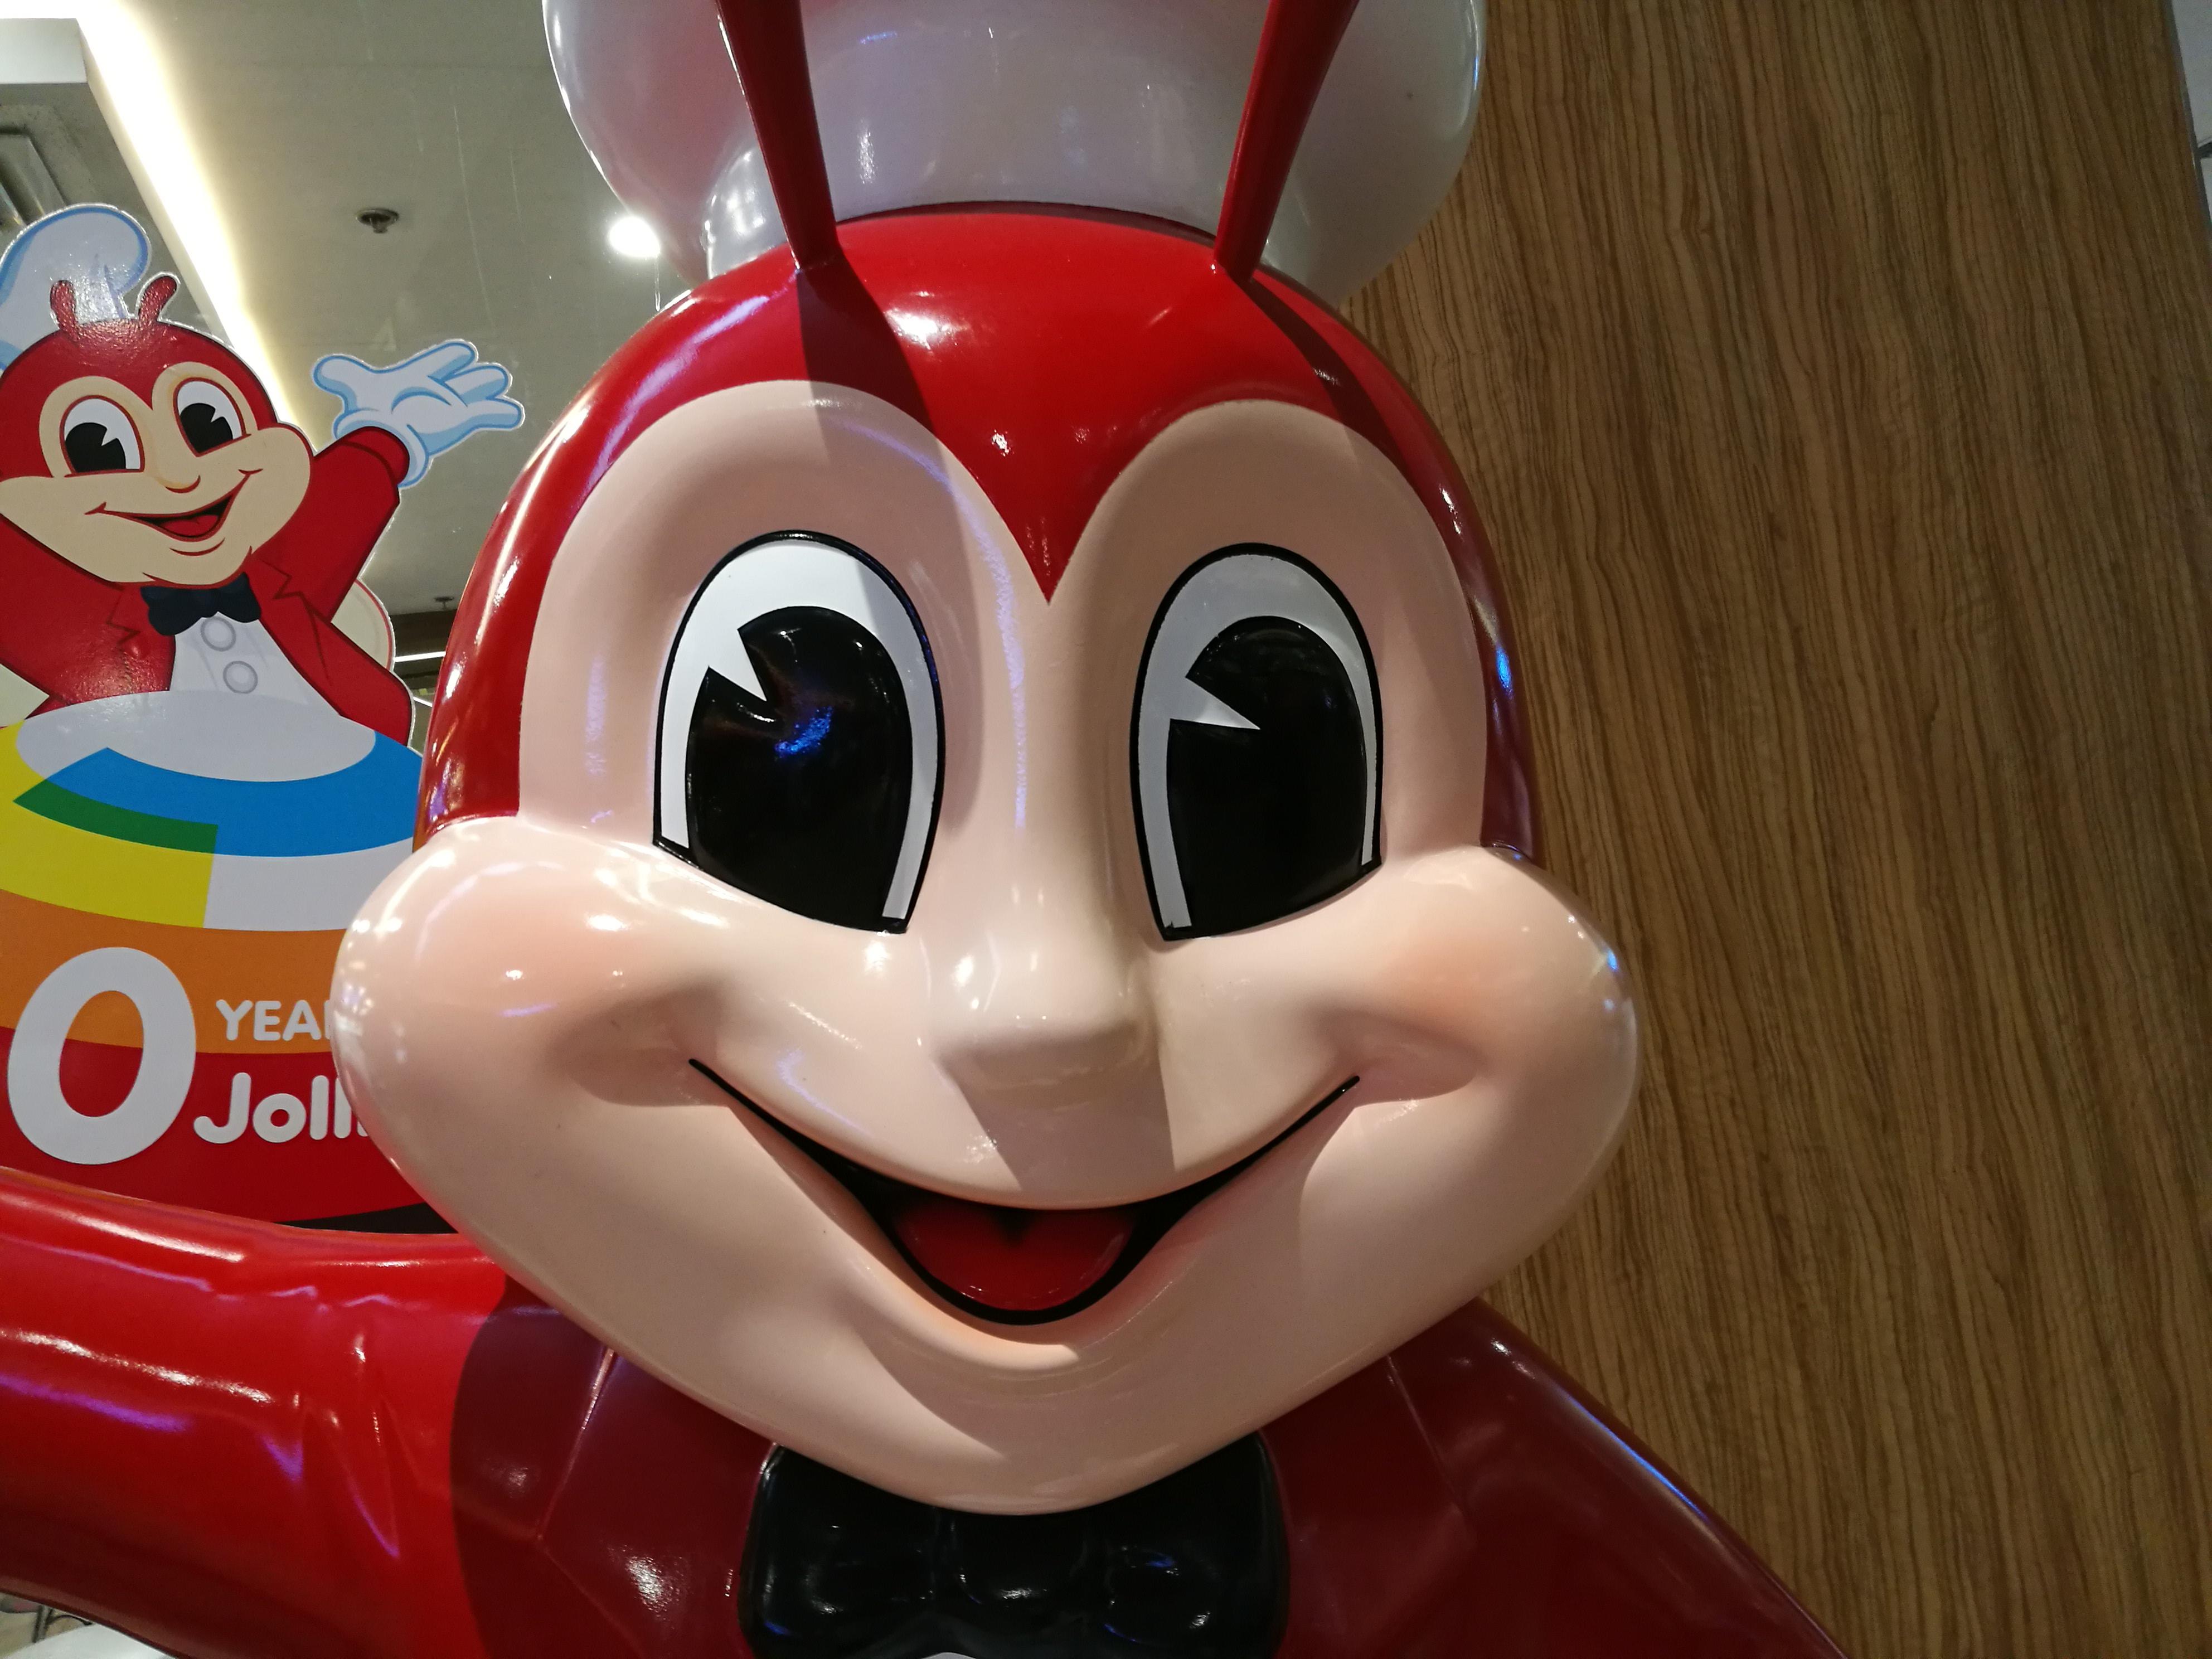 (随時更新中)フィリピンNo.1ファストフード店Jollibee(ジョリビー)のメニュー全公開